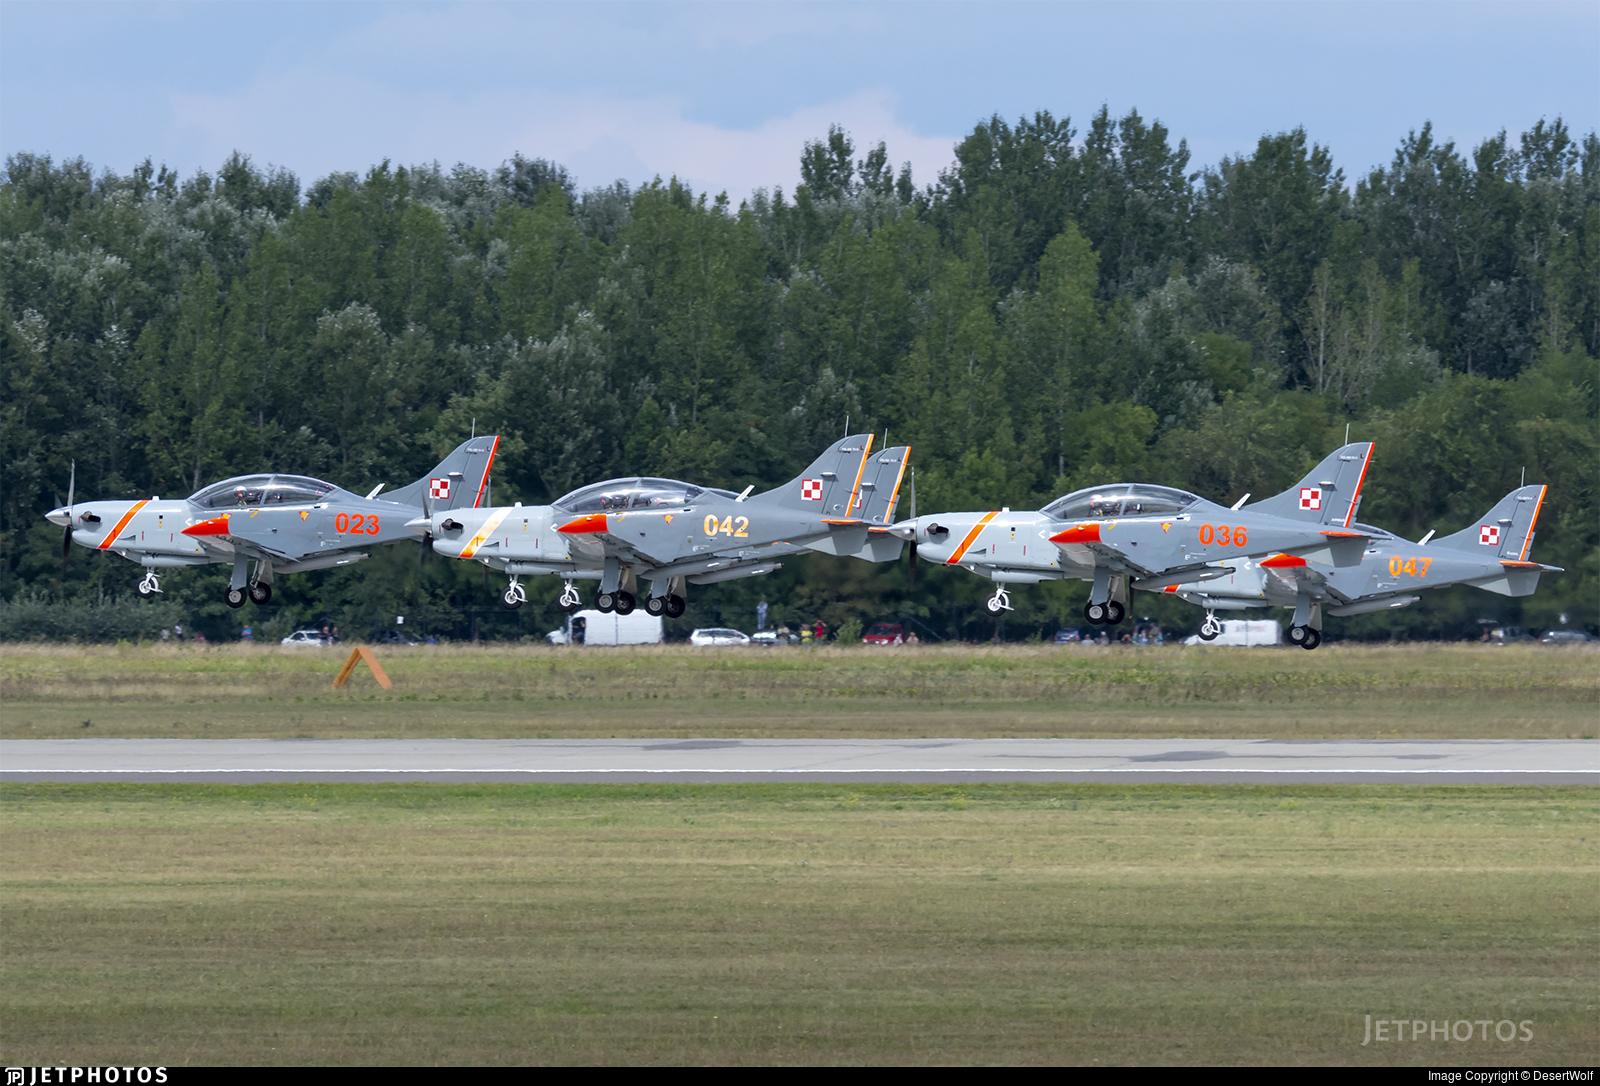 023 - PZL-Warszawa PZL-130 TC2 Orlik - Poland - Air Force